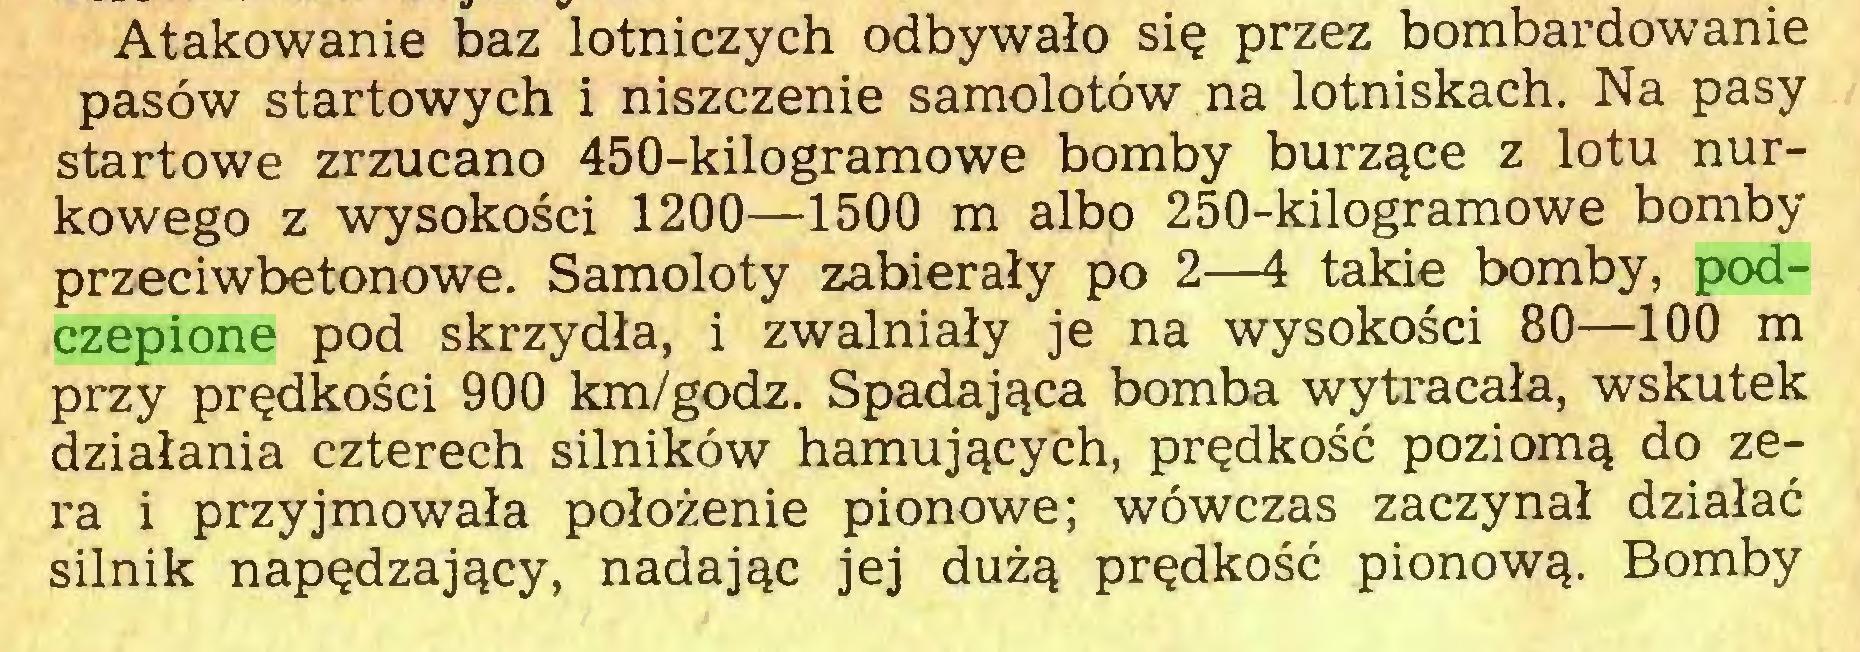 (...) Atakowanie baz lotniczych odbywało się przez bombardowanie pasów startowych i niszczenie samolotów na lotniskach. Na pasy startowe zrzucano 450-kilogramowe bomby burzące z lotu nurkowego z wysokości 1200—1500 m albo 250-kilogramowe bomby przeciwbetonowe. Samoloty zabierały po 2—4 takie bomby, podczepione pod skrzydła, i zwalniały je na wysokości 80—100 m przy prędkości 900 km/godz. Spadająca bomba wytracała, wskutek działania czterech silników hamujących, prędkość poziomą do zera i przyjmowała położenie pionowe; wówczas zaczynał działać silnik napędzający, nadając jej dużą prędkość pionową. Bomby...